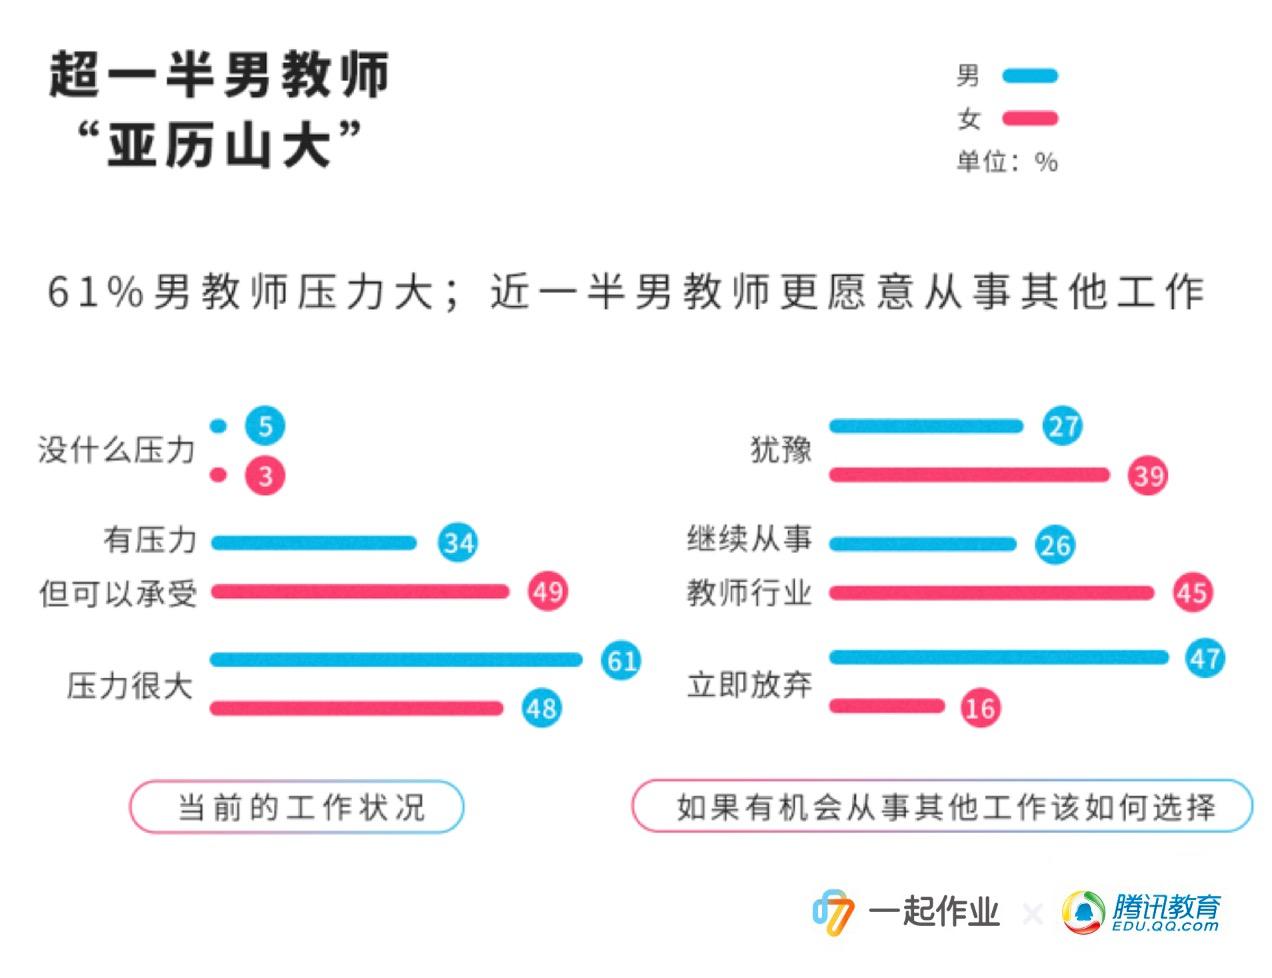 大数据解读教育界三大弱势群体:男教师、老教师、副科教师